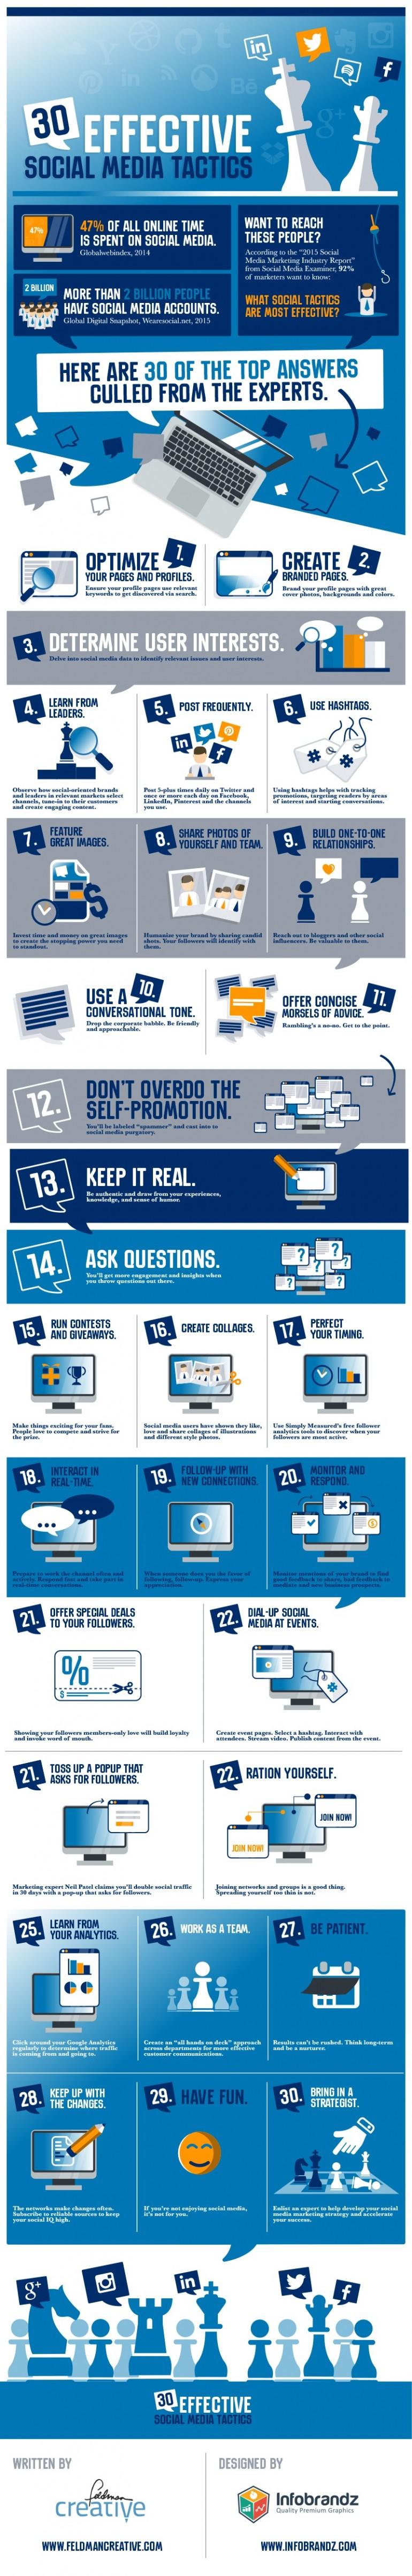 30 effectieve social media tactieken [infographic]